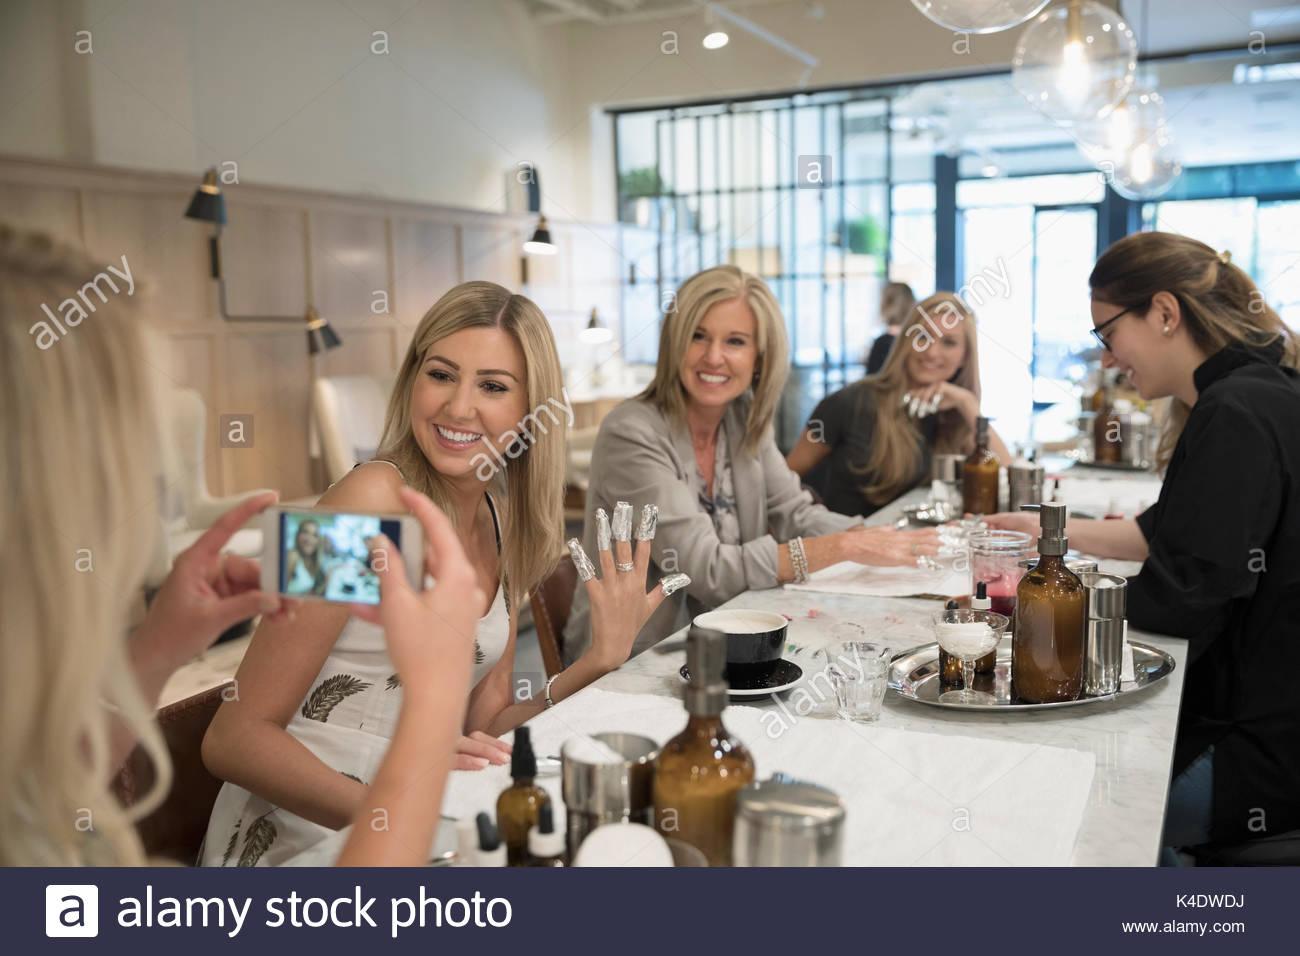 Mujer sonriente amigos obteniendo gel manicura, posando para selfie en el salón de uñas Imagen De Stock